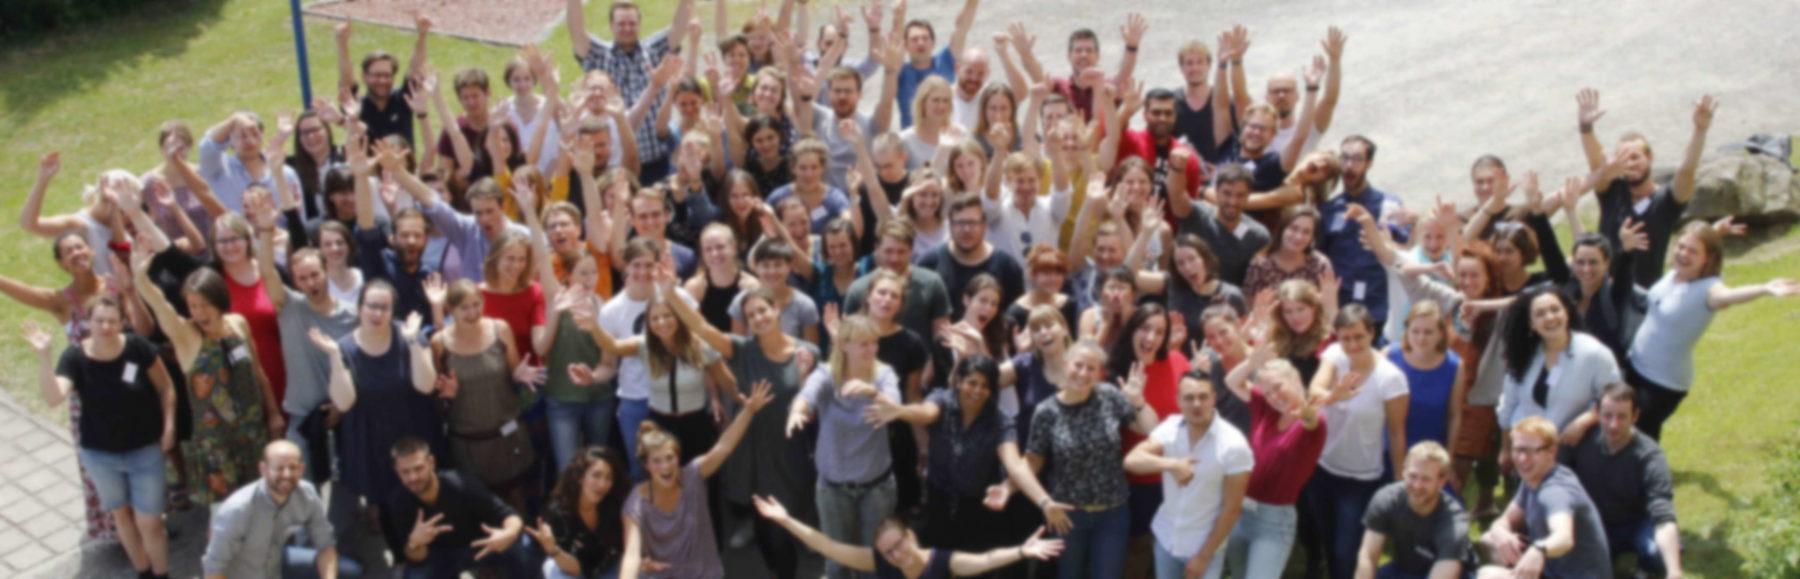 Gruppenfoto Sommerakademie 2018